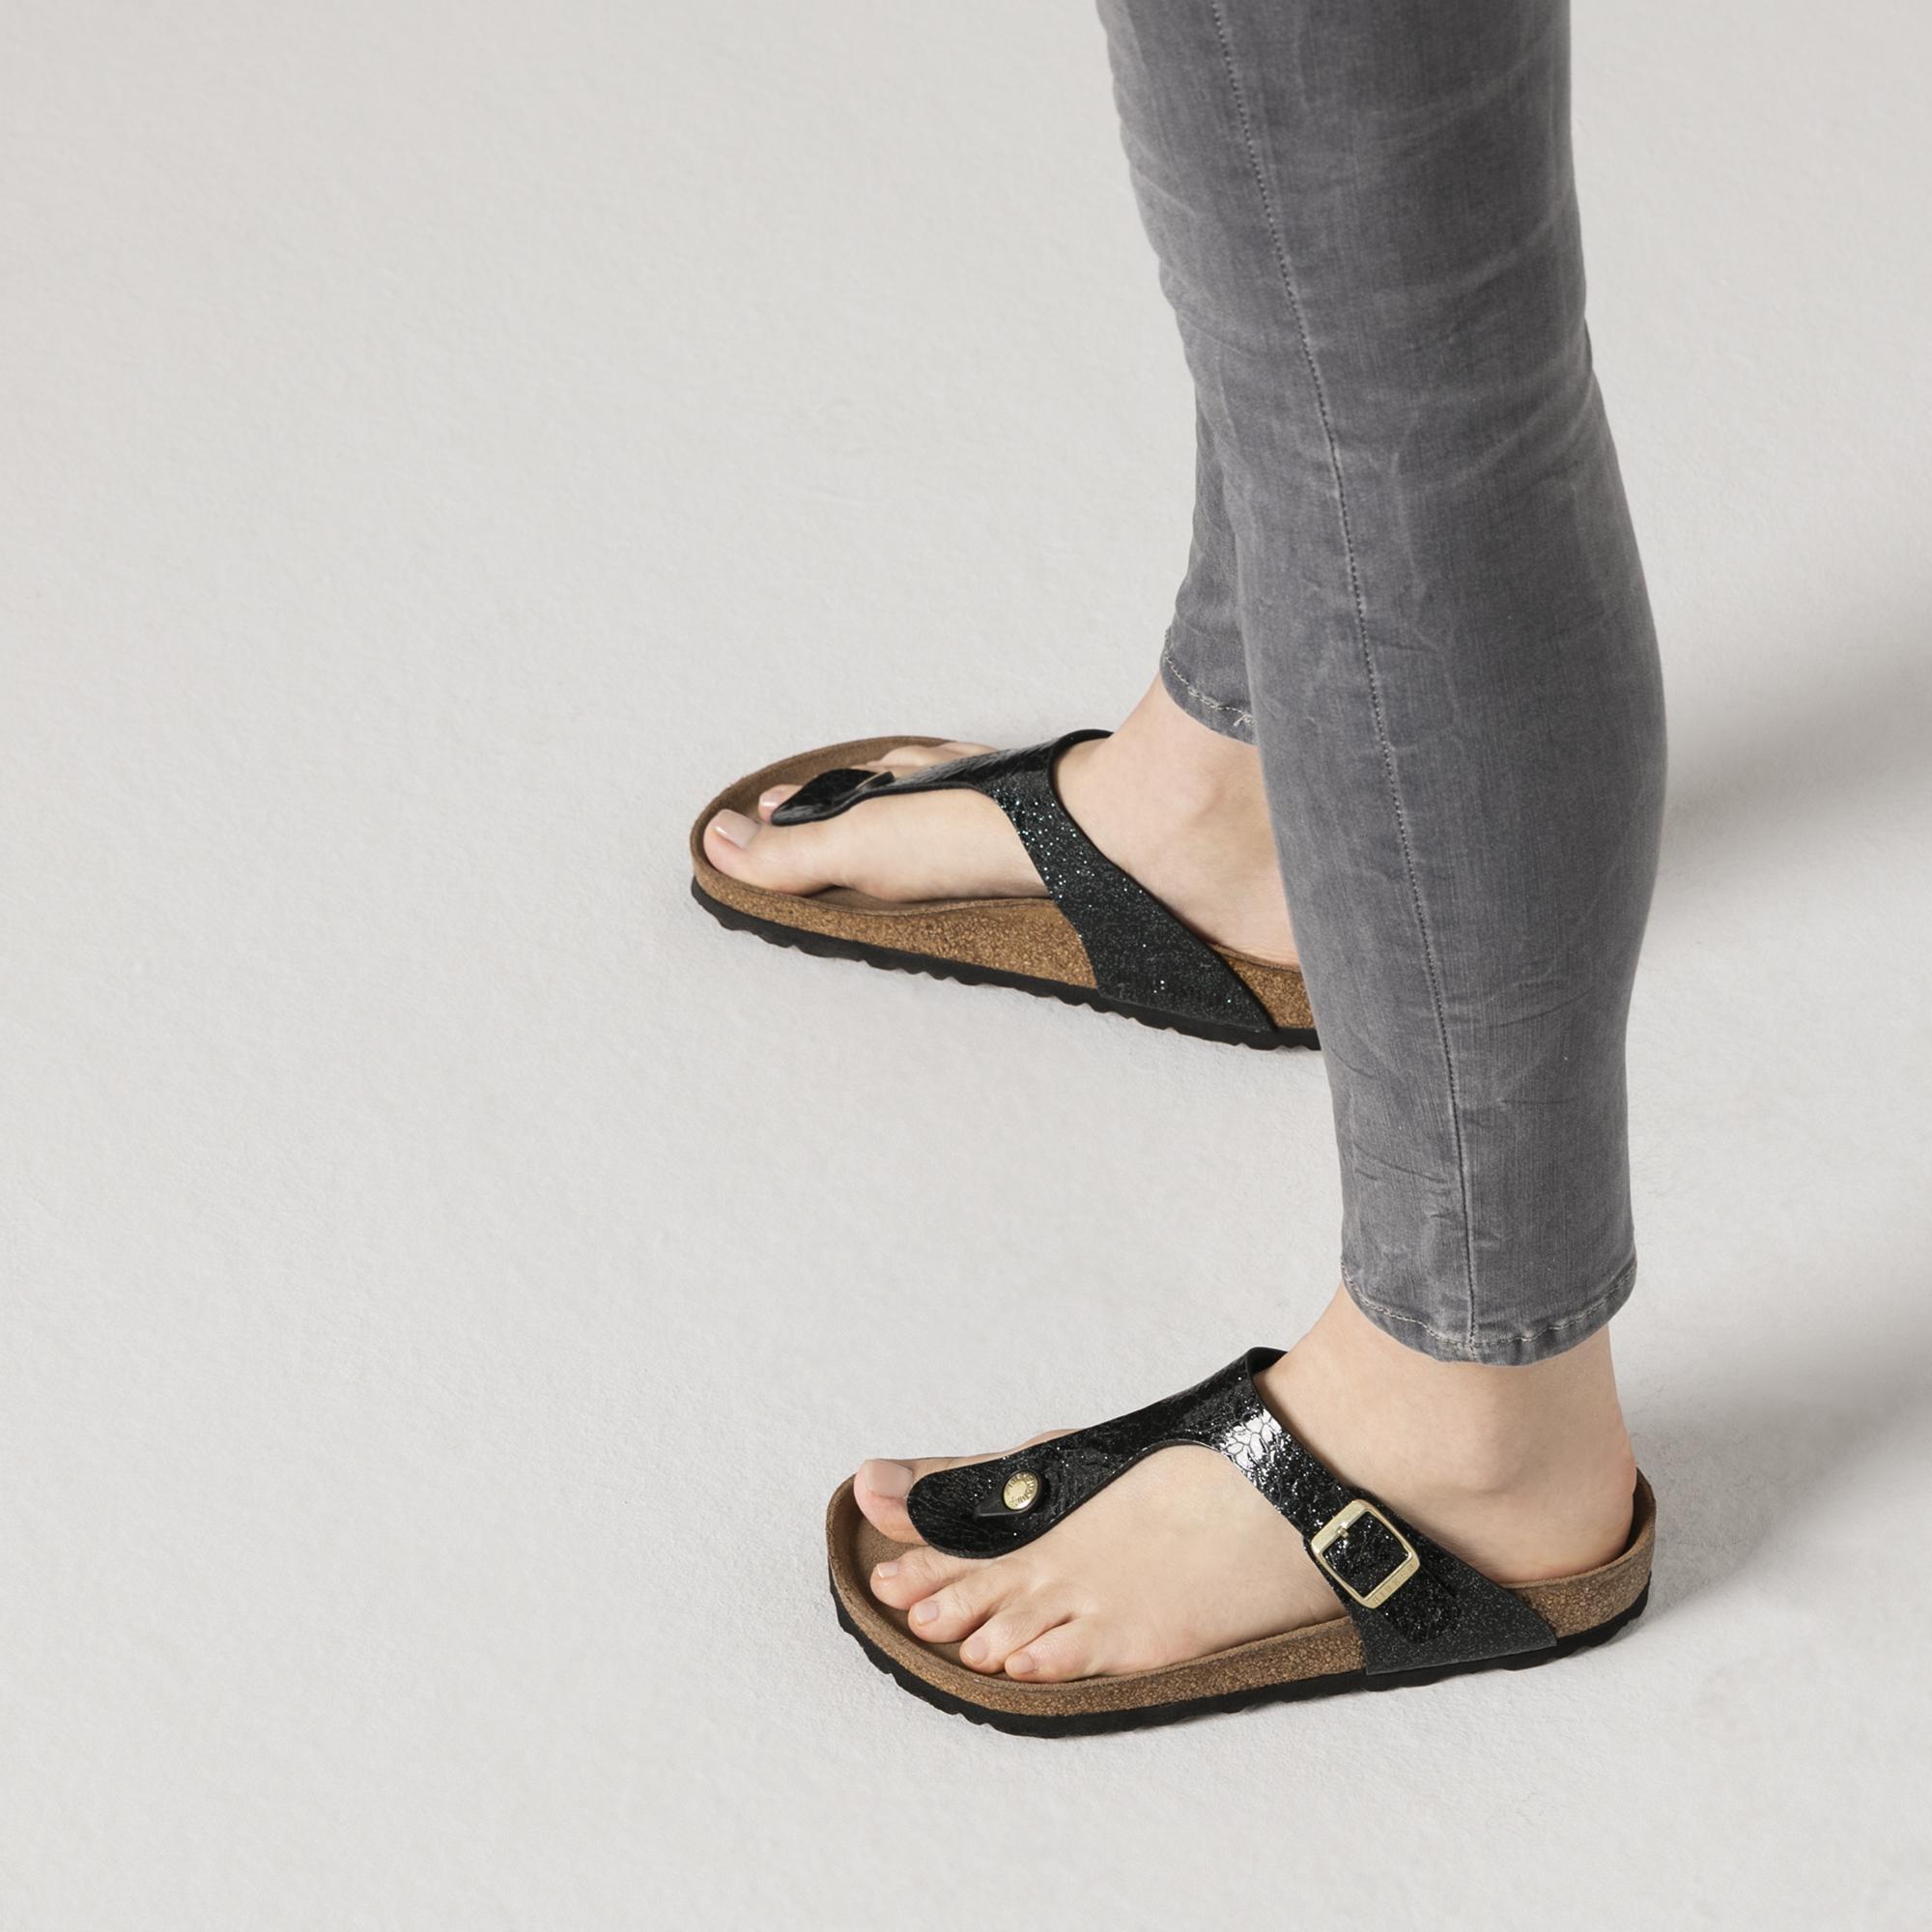 Birkenstock Gizeh Weiß Lack | Birkenstock # Anklet # Toe Rin